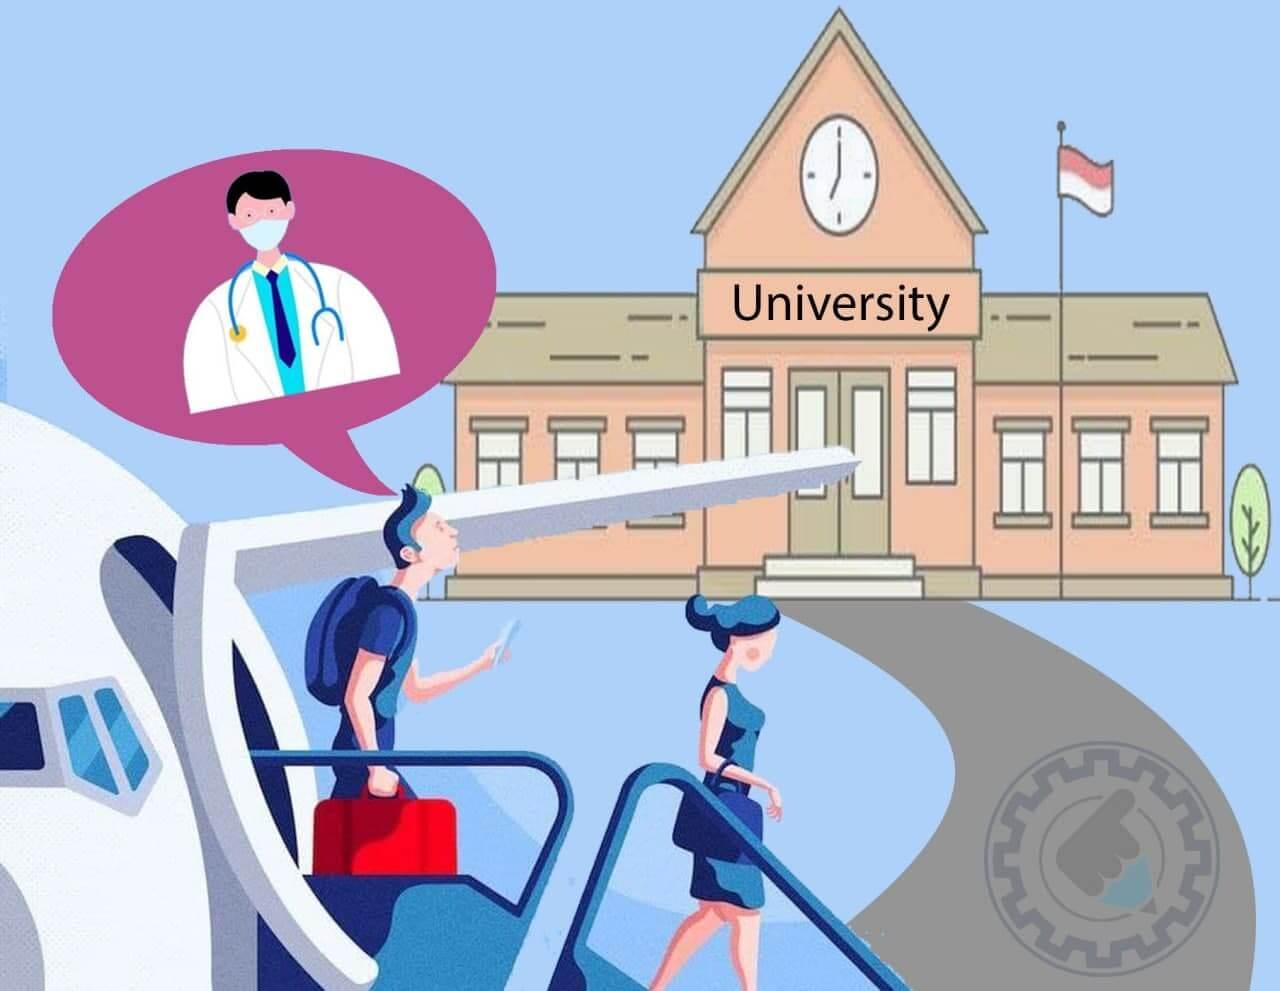 قبولی در رشته پزشکی بدون کنکور در خارج از کشور